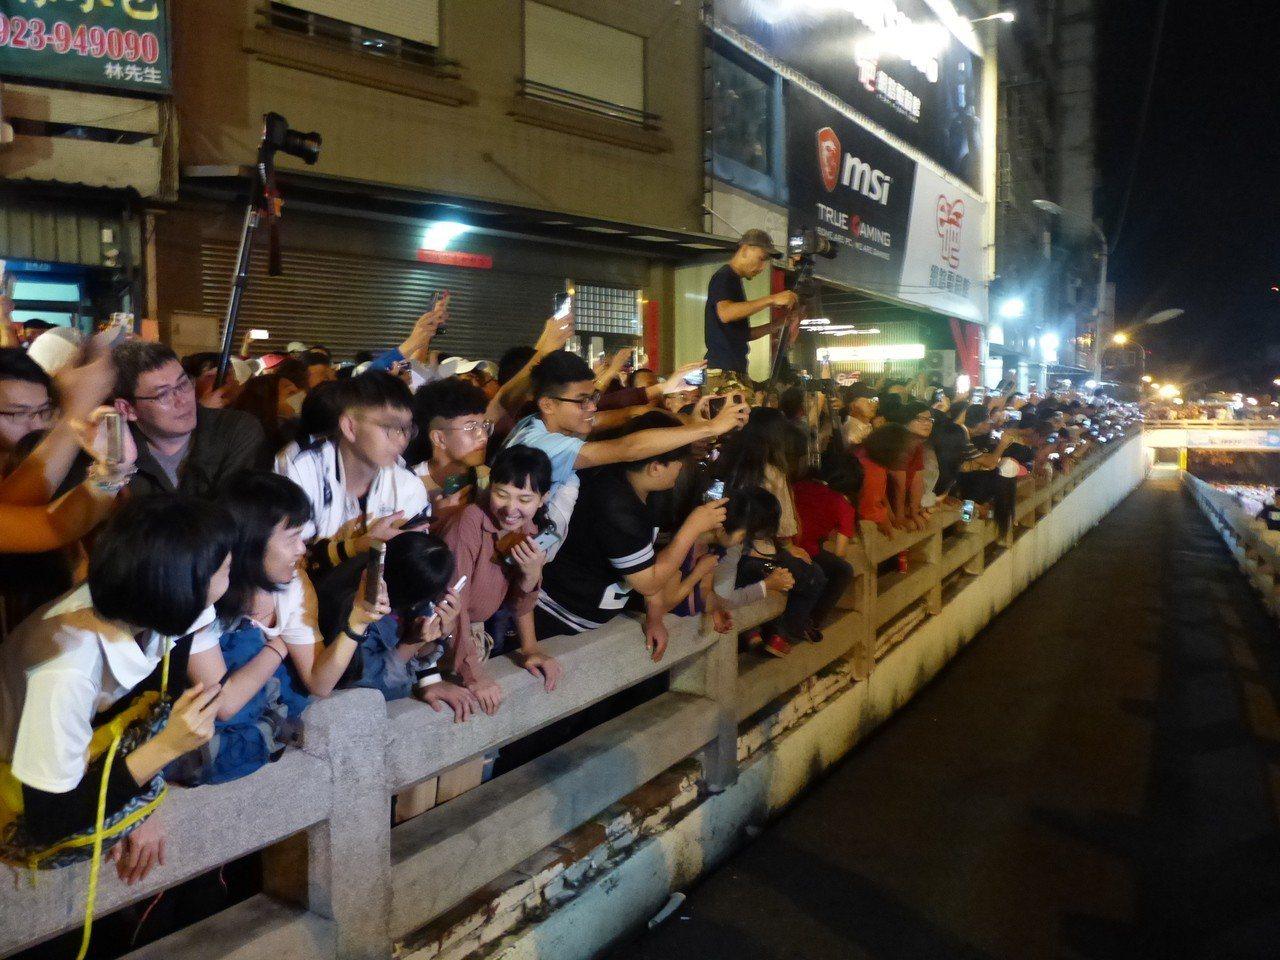 大甲鎮瀾宮媽祖今天凌晨通過民生地下道後,兩側數千民眾圍觀。記者劉明岩/攝影